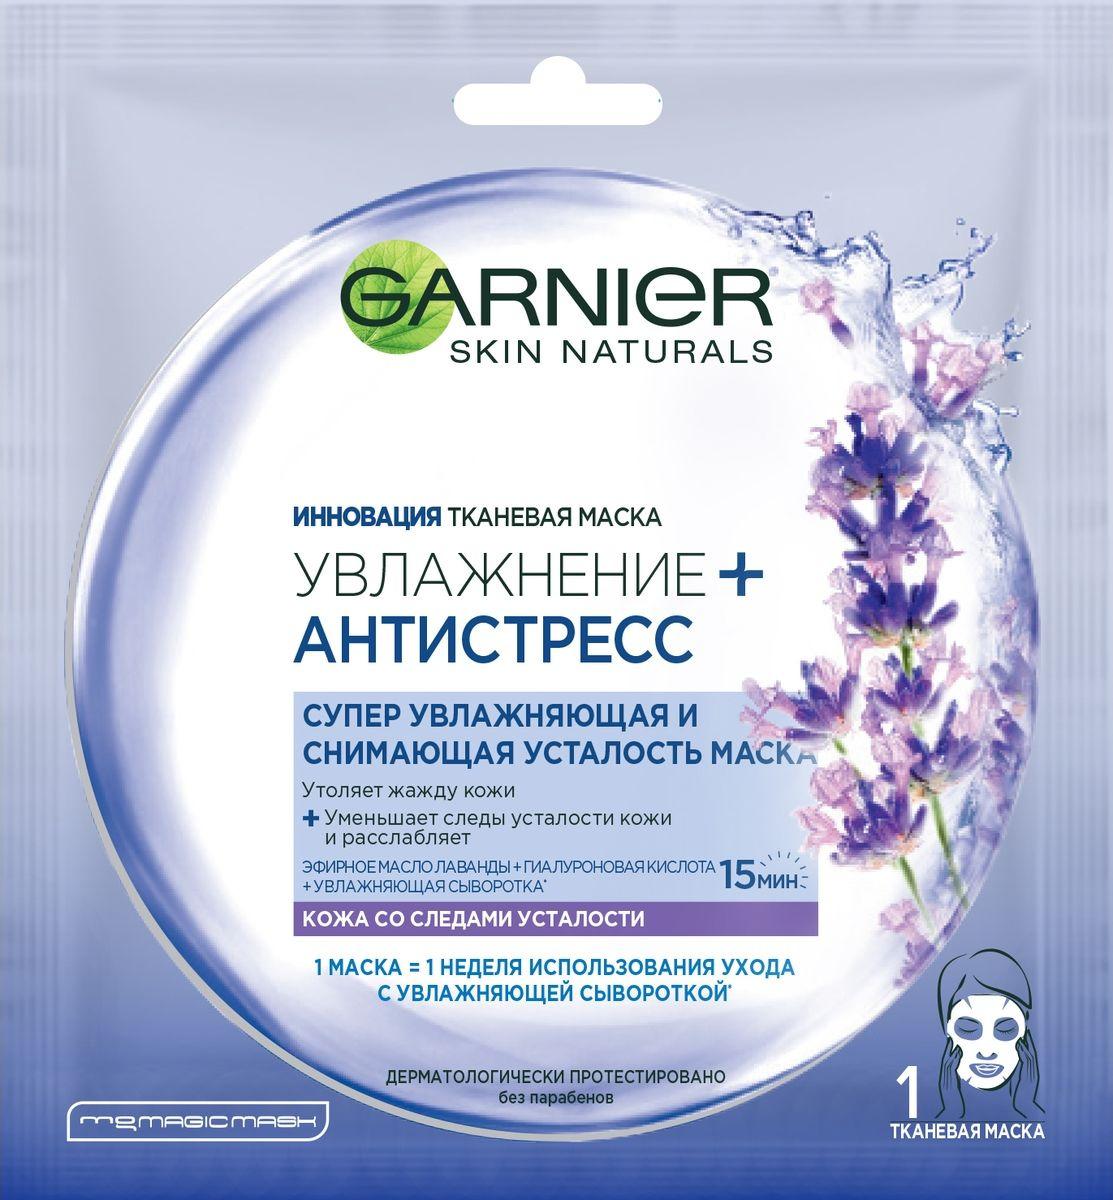 Маска для лица Garnier Увлажнение + Антистресс, тканевая, снимающая усталость, для кожи со следами усталости, 32 гр garnier маска тканевая комфорт для сухой и чувствительной кожи 32 г